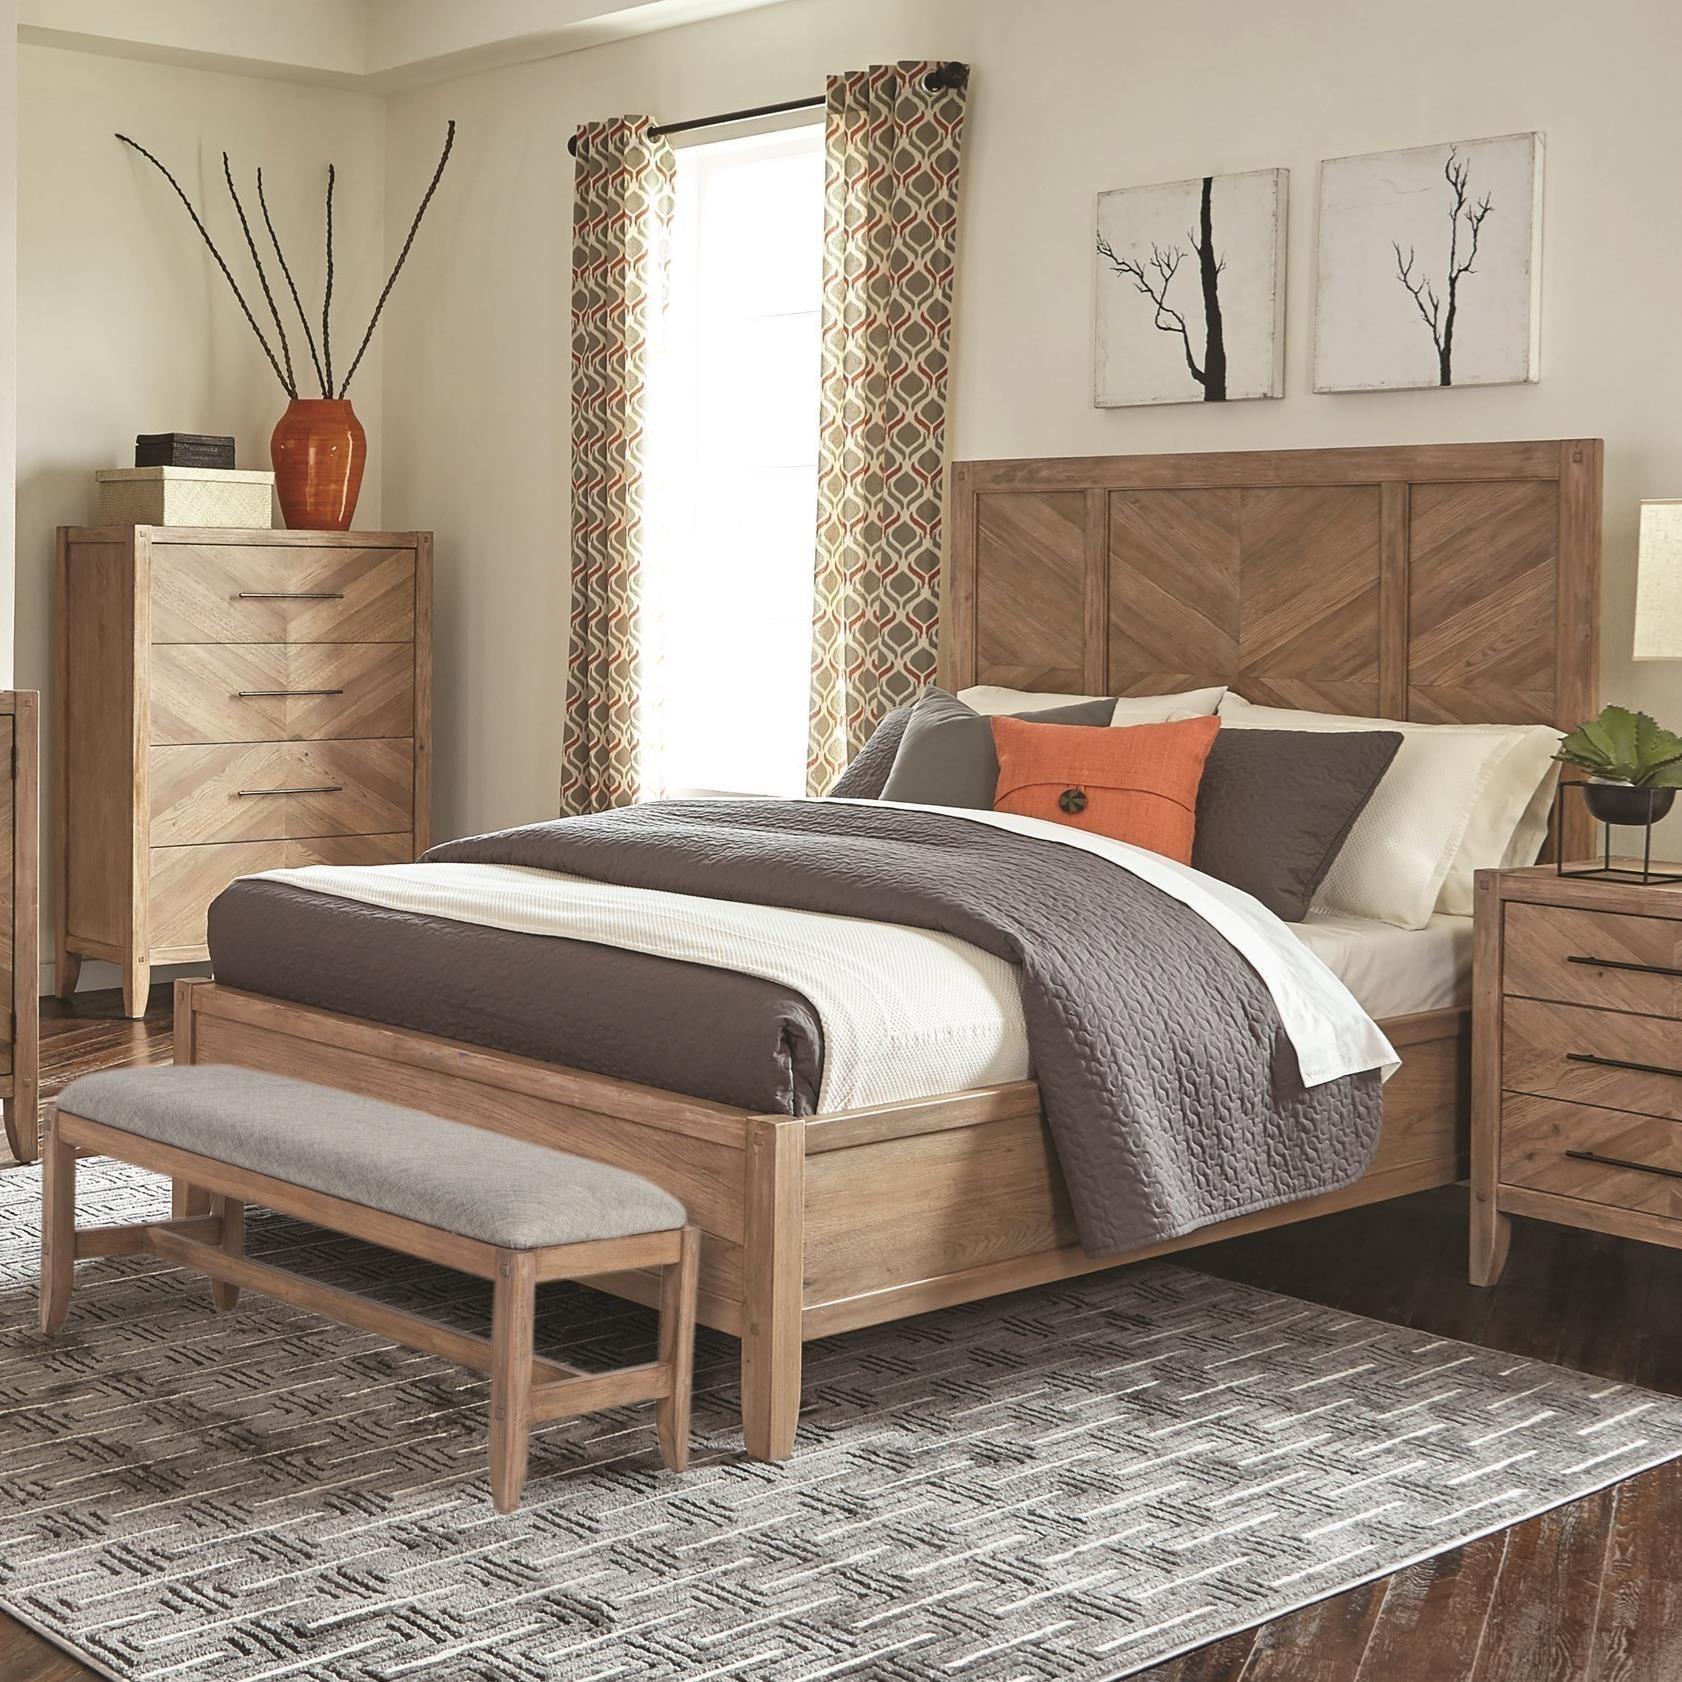 Scott Living Auburn King Bed - Item Number: 204611KE